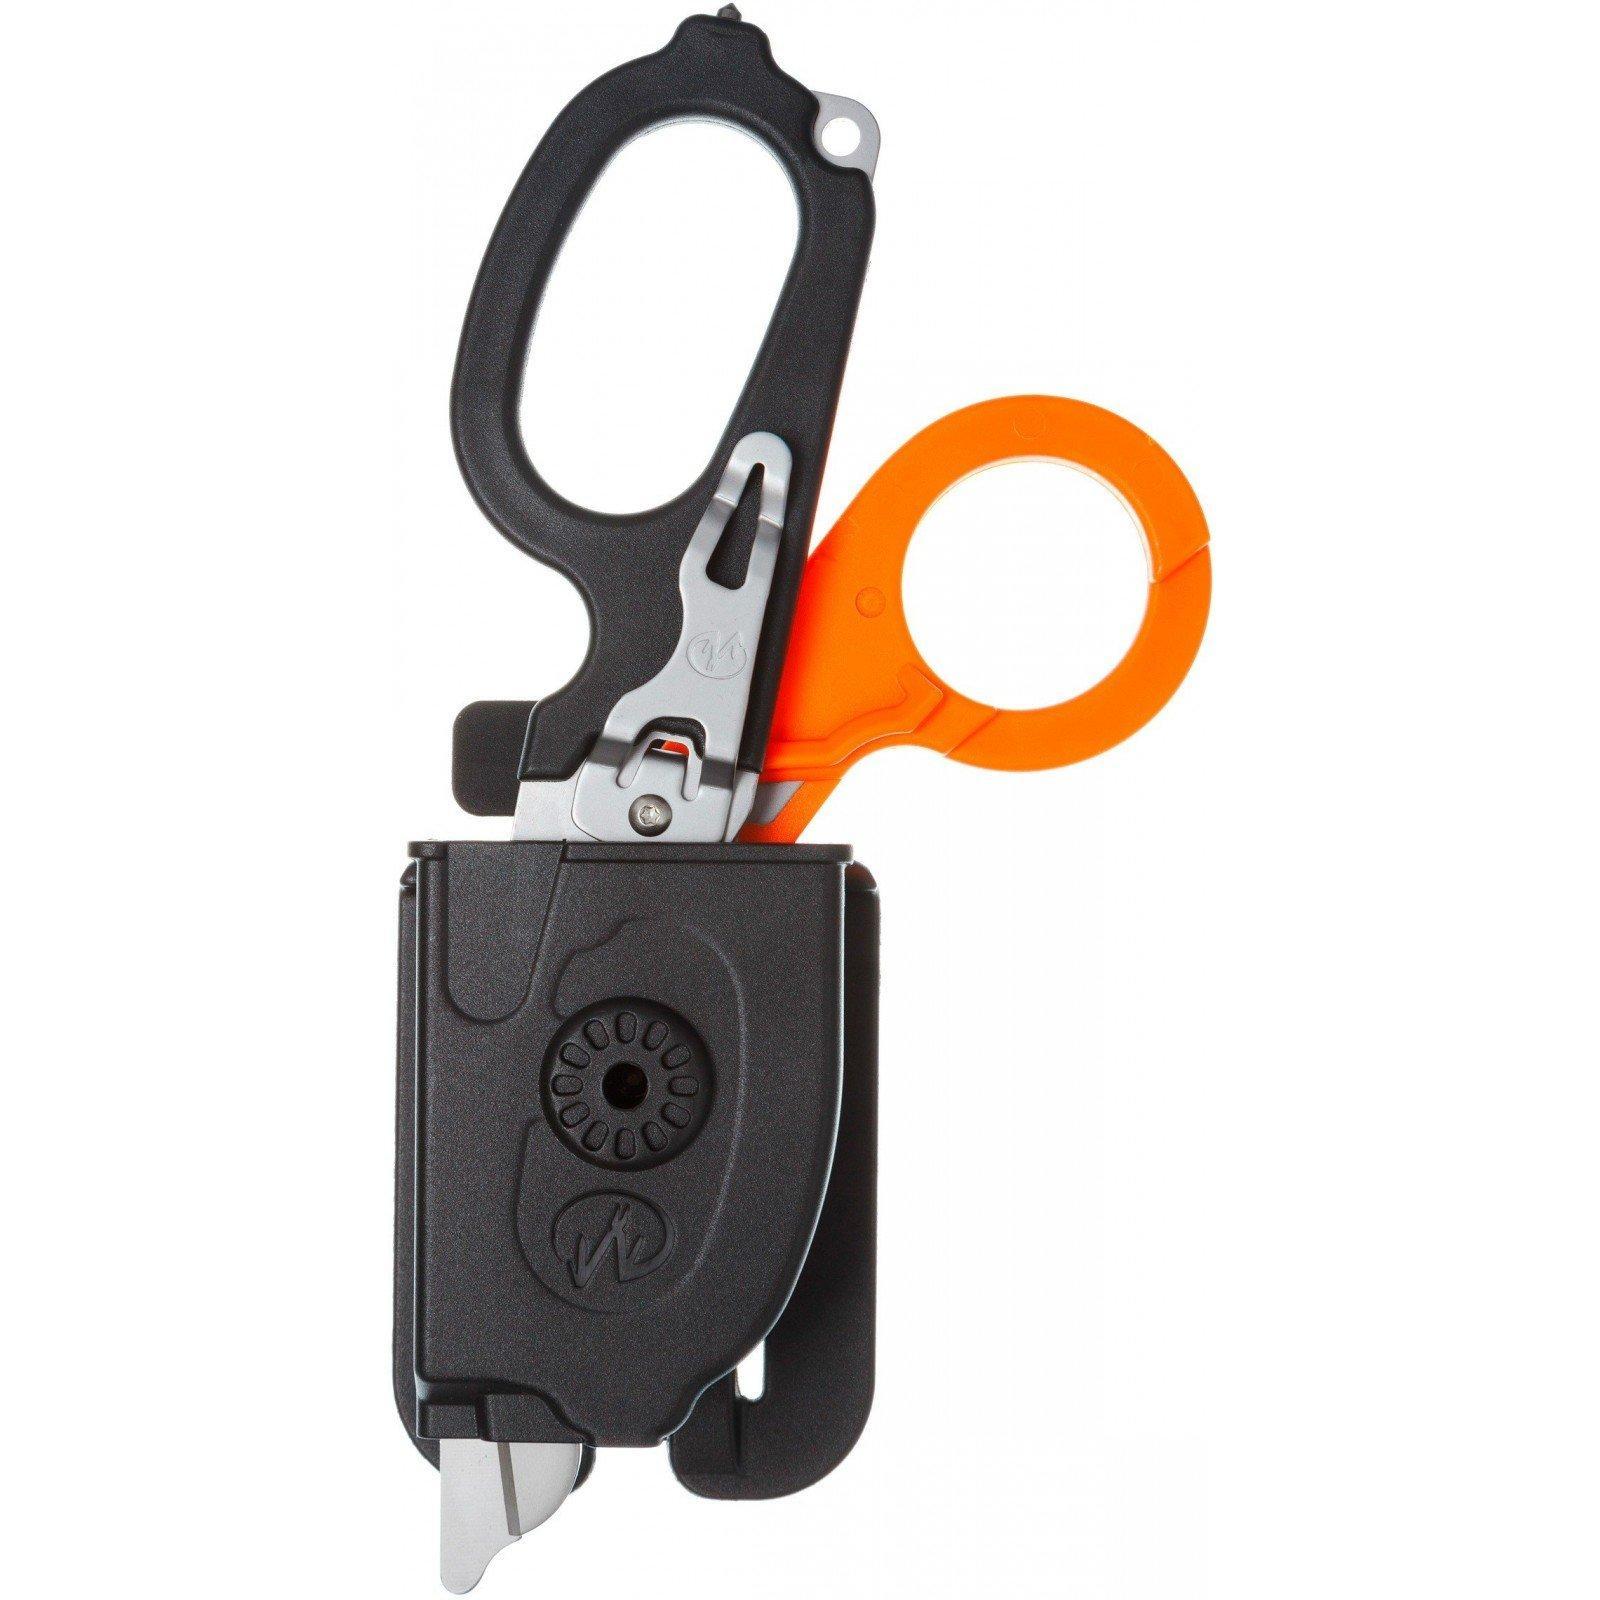 Мультитул Leatherman RAPTOR оранжевый/черный (832170) изображение 3